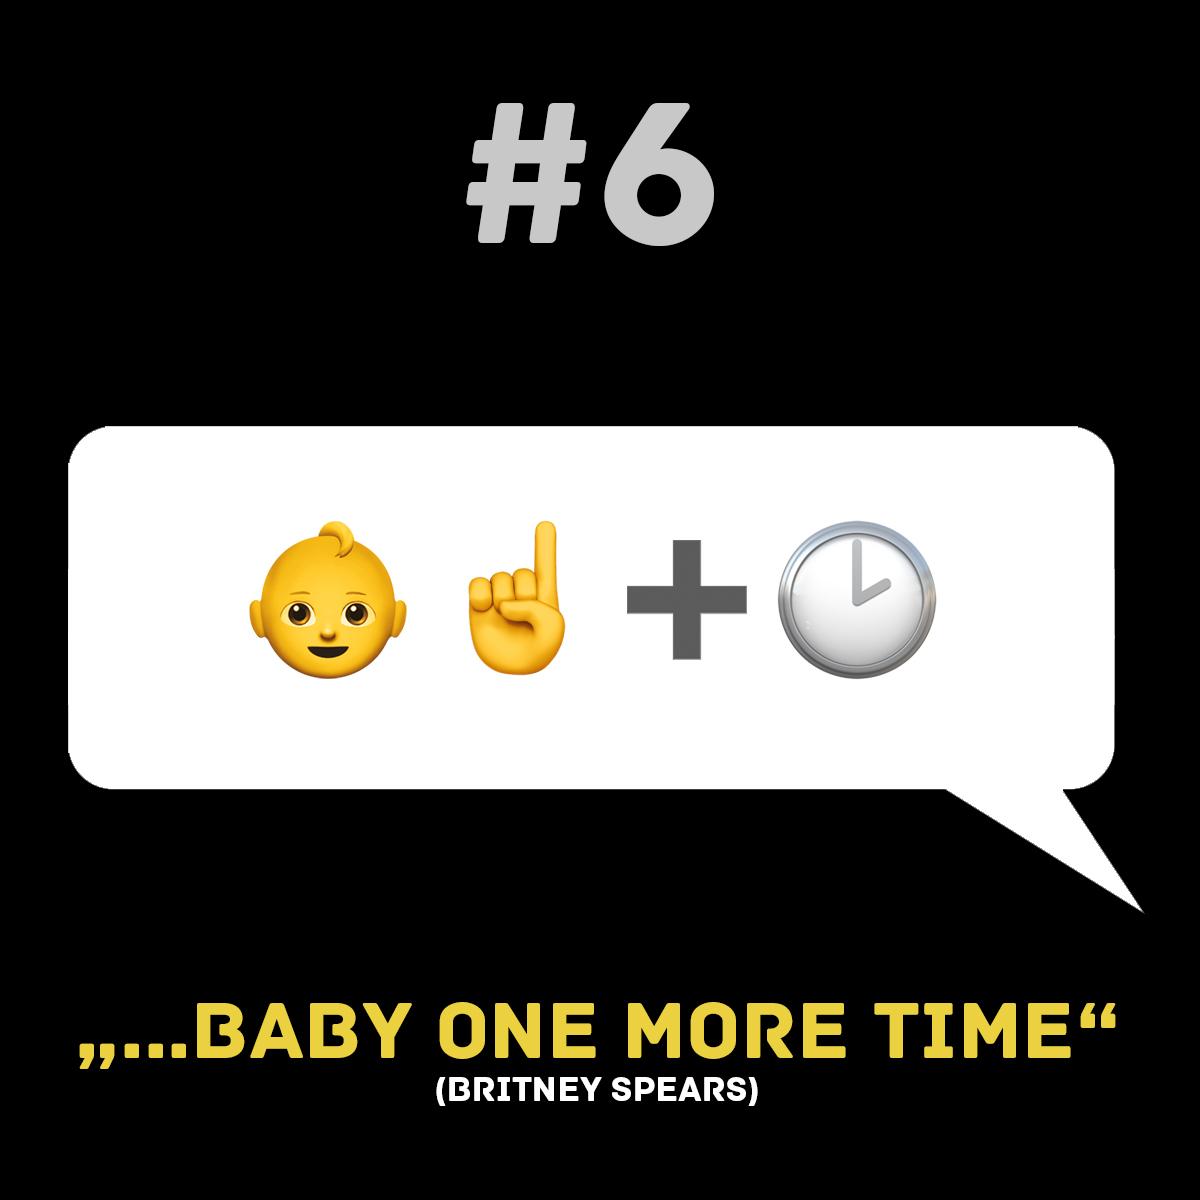 Songtitel in Emojis dargestellt emojibands_06b